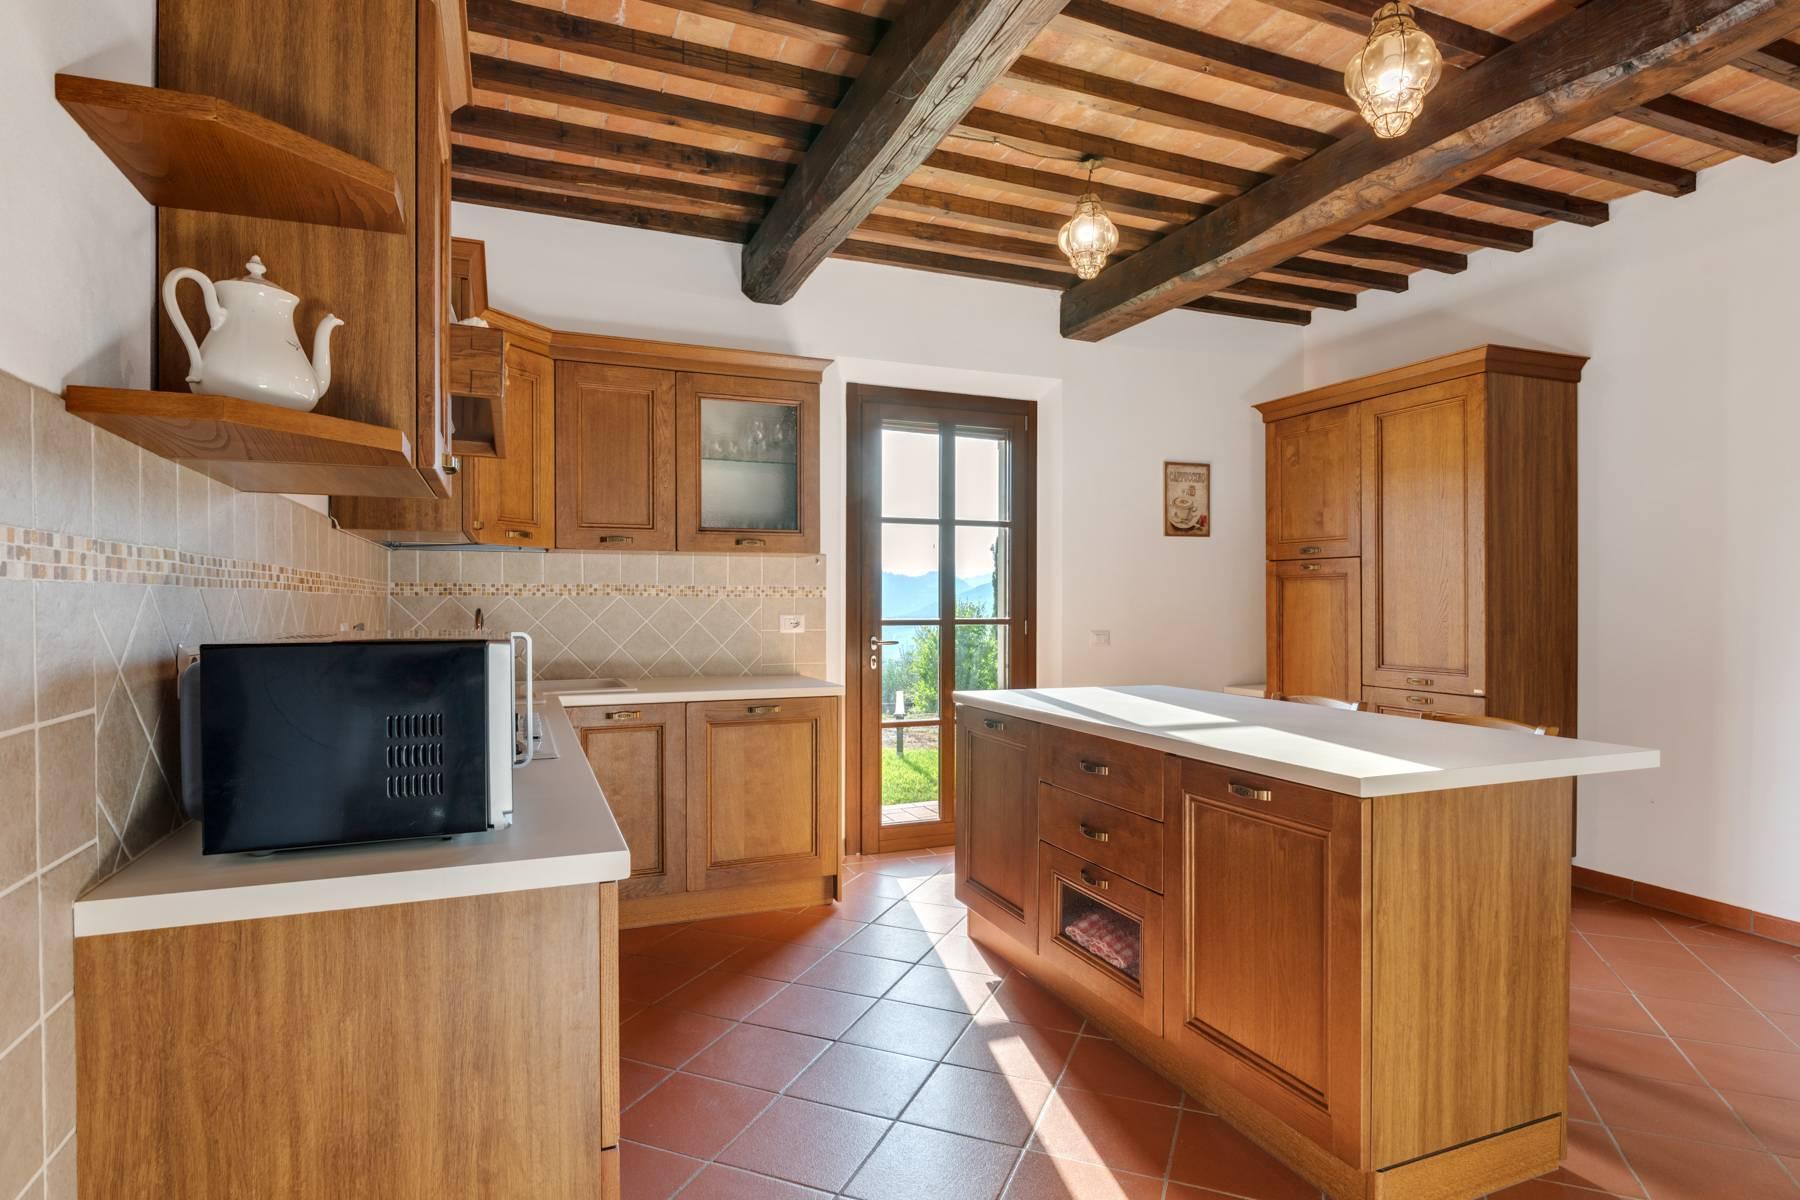 Rustico in Vendita a Monsummano Terme: 5 locali, 380 mq - Foto 17